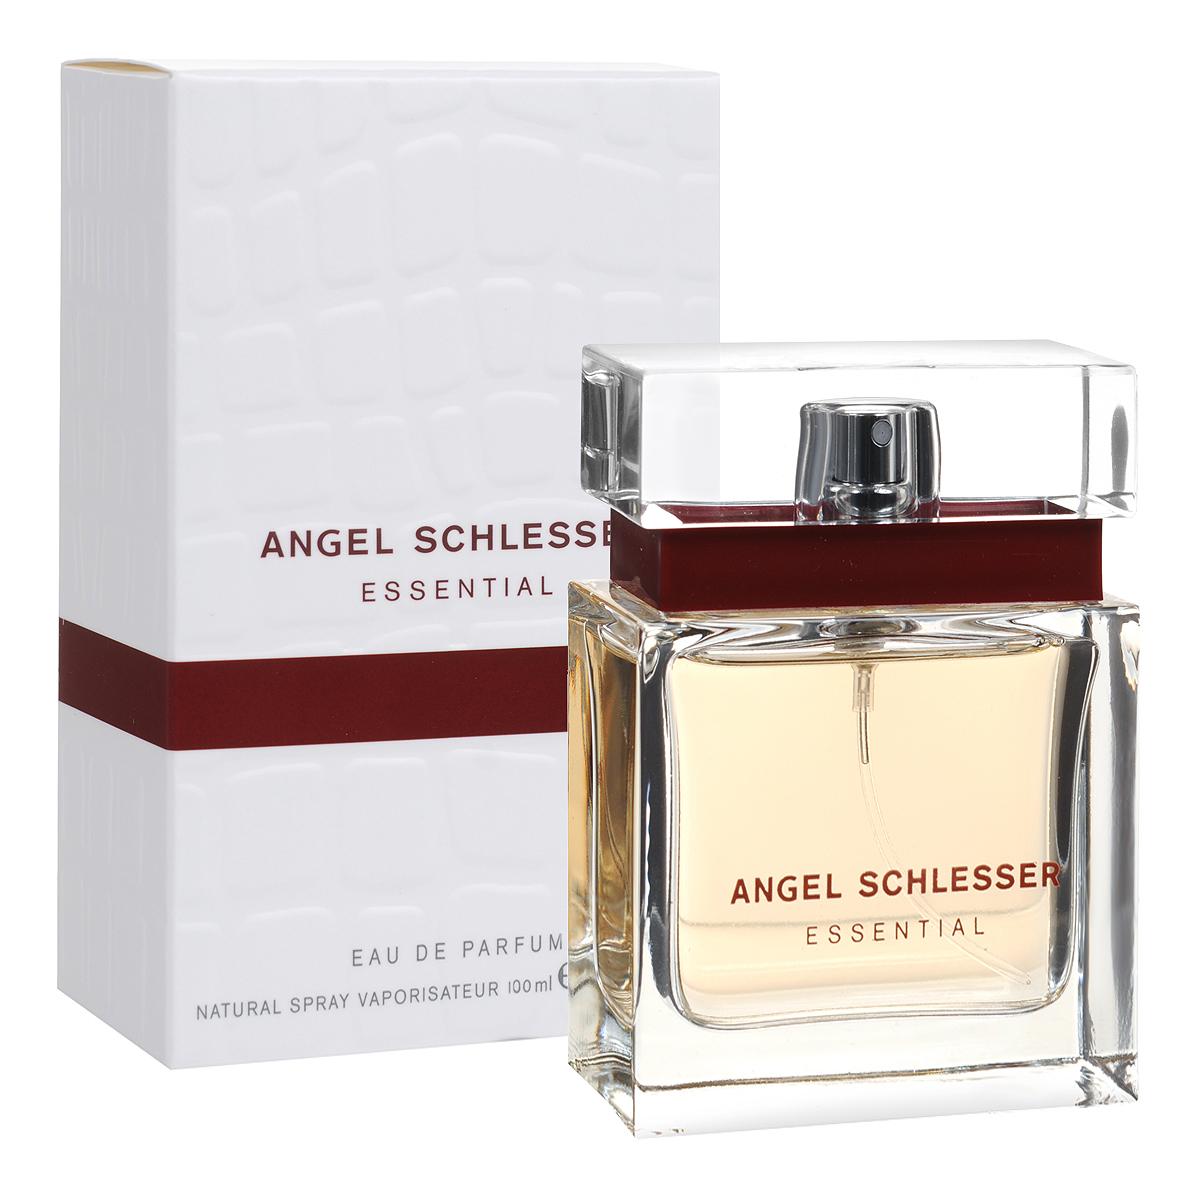 Angel Schlesser Парфюмерная вода Essential, женская, 100 мл angel schlesser so essential w edt 100 мл тестер